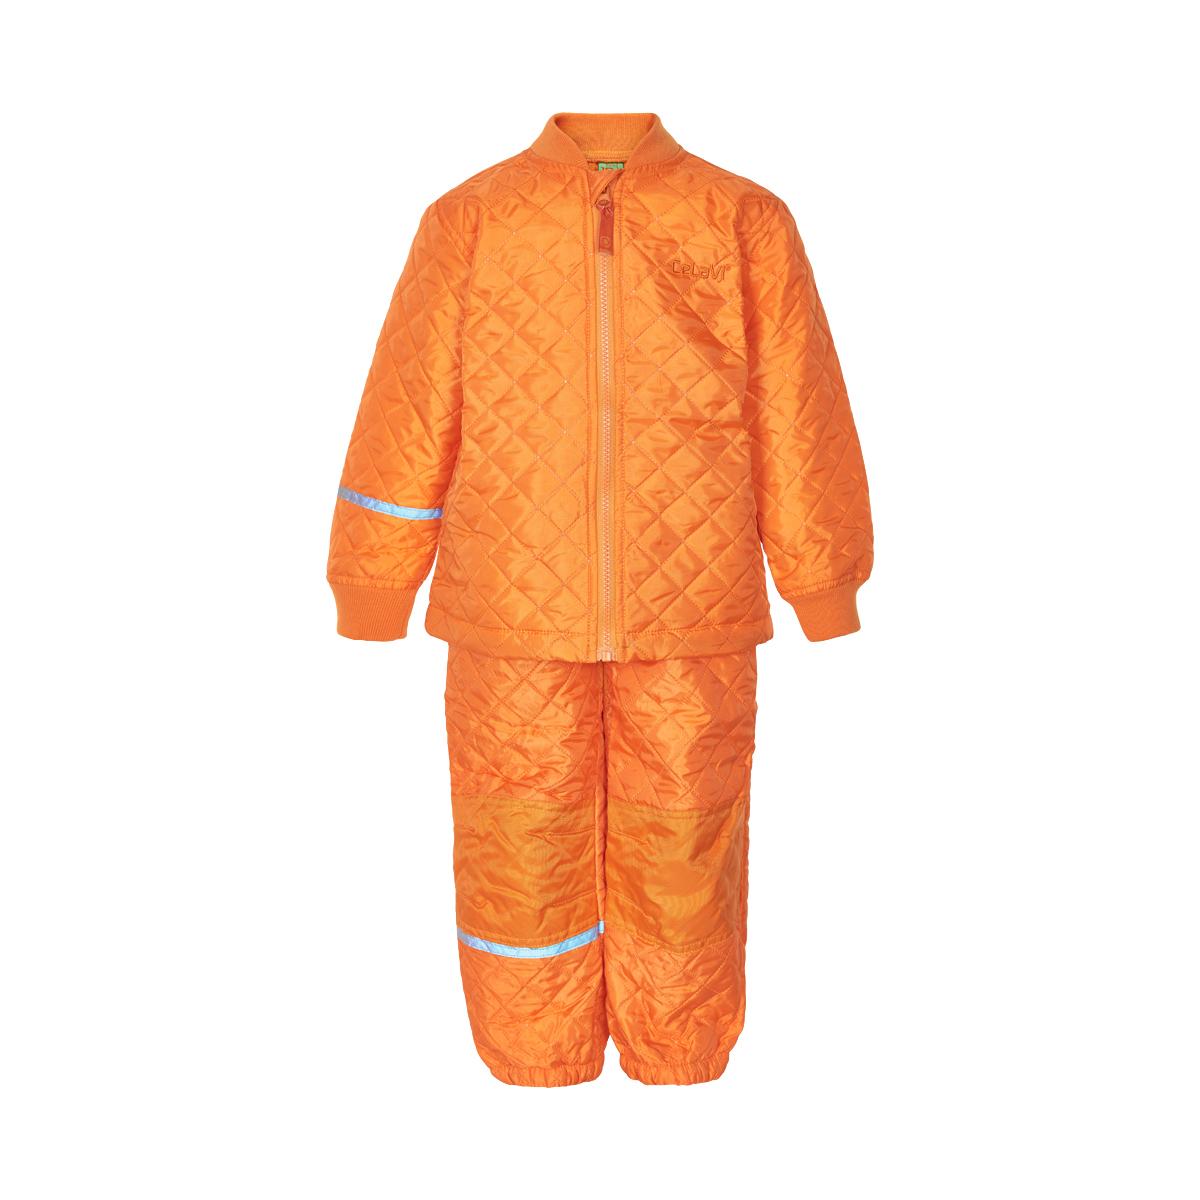 CeLaVi dětský termo oblek 3555-348